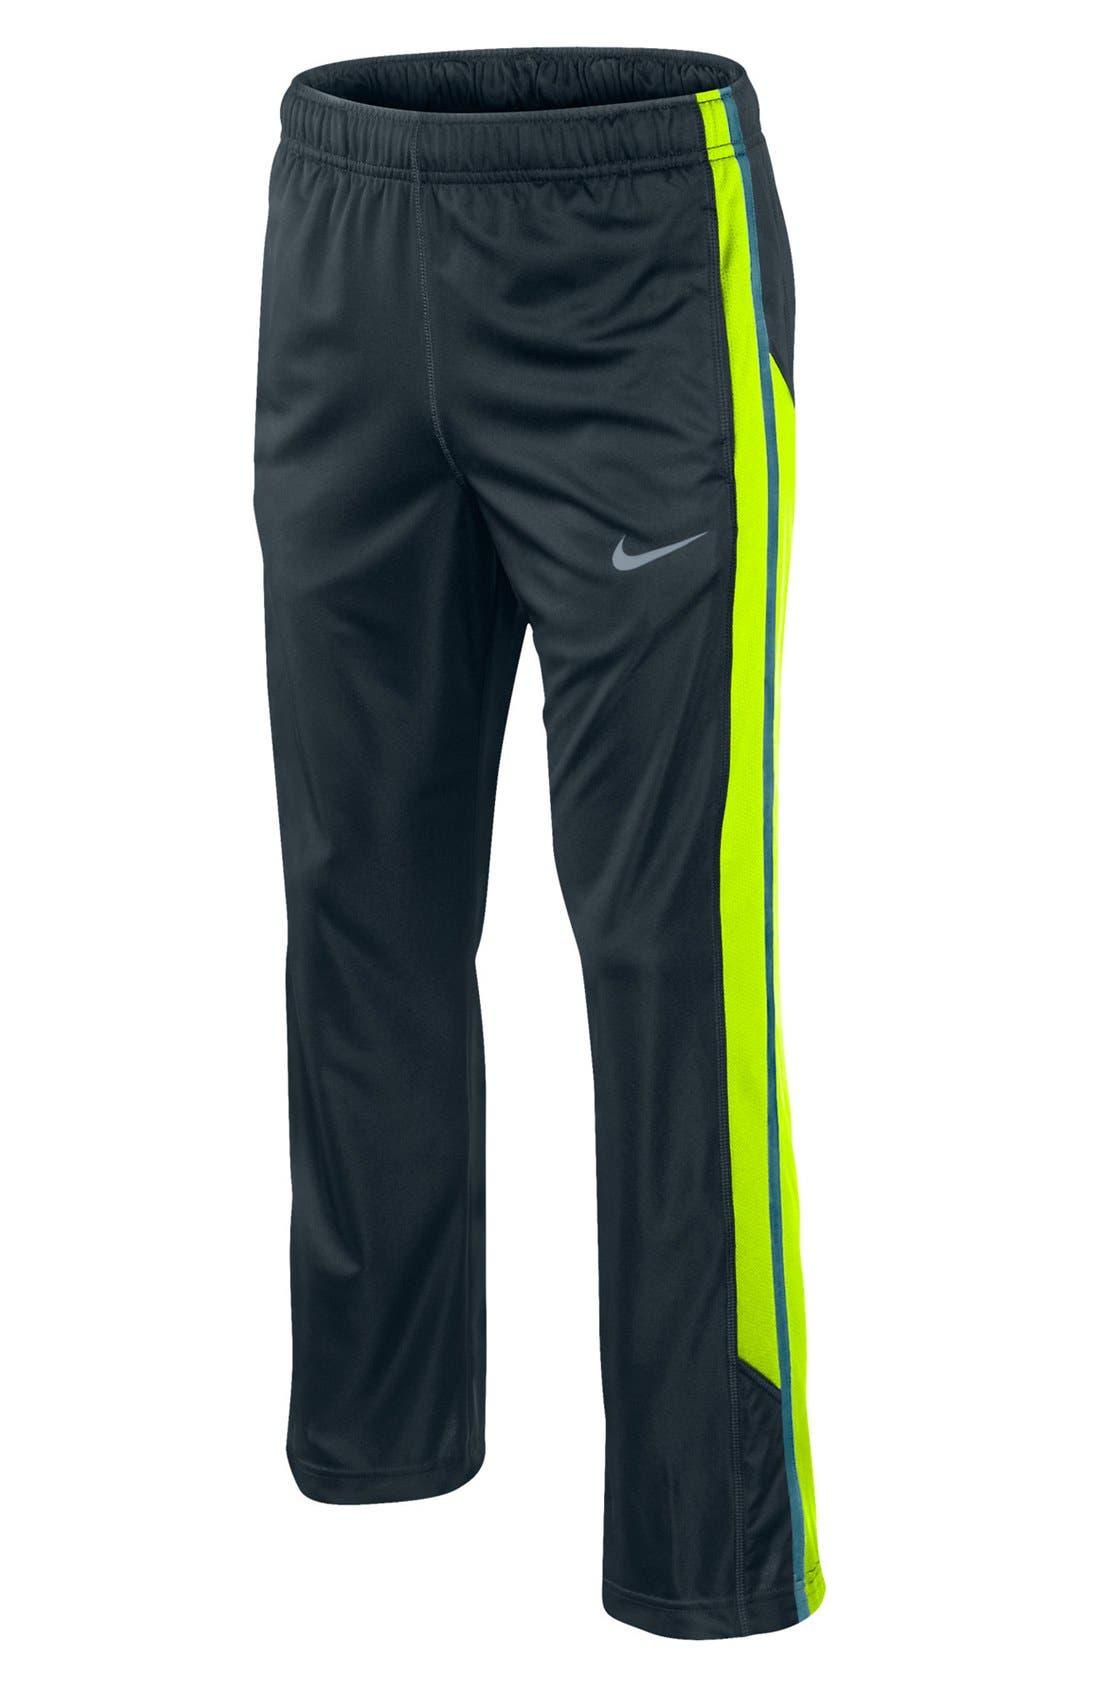 Main Image - Nike 'Lights Out' Pants (Big Boys)